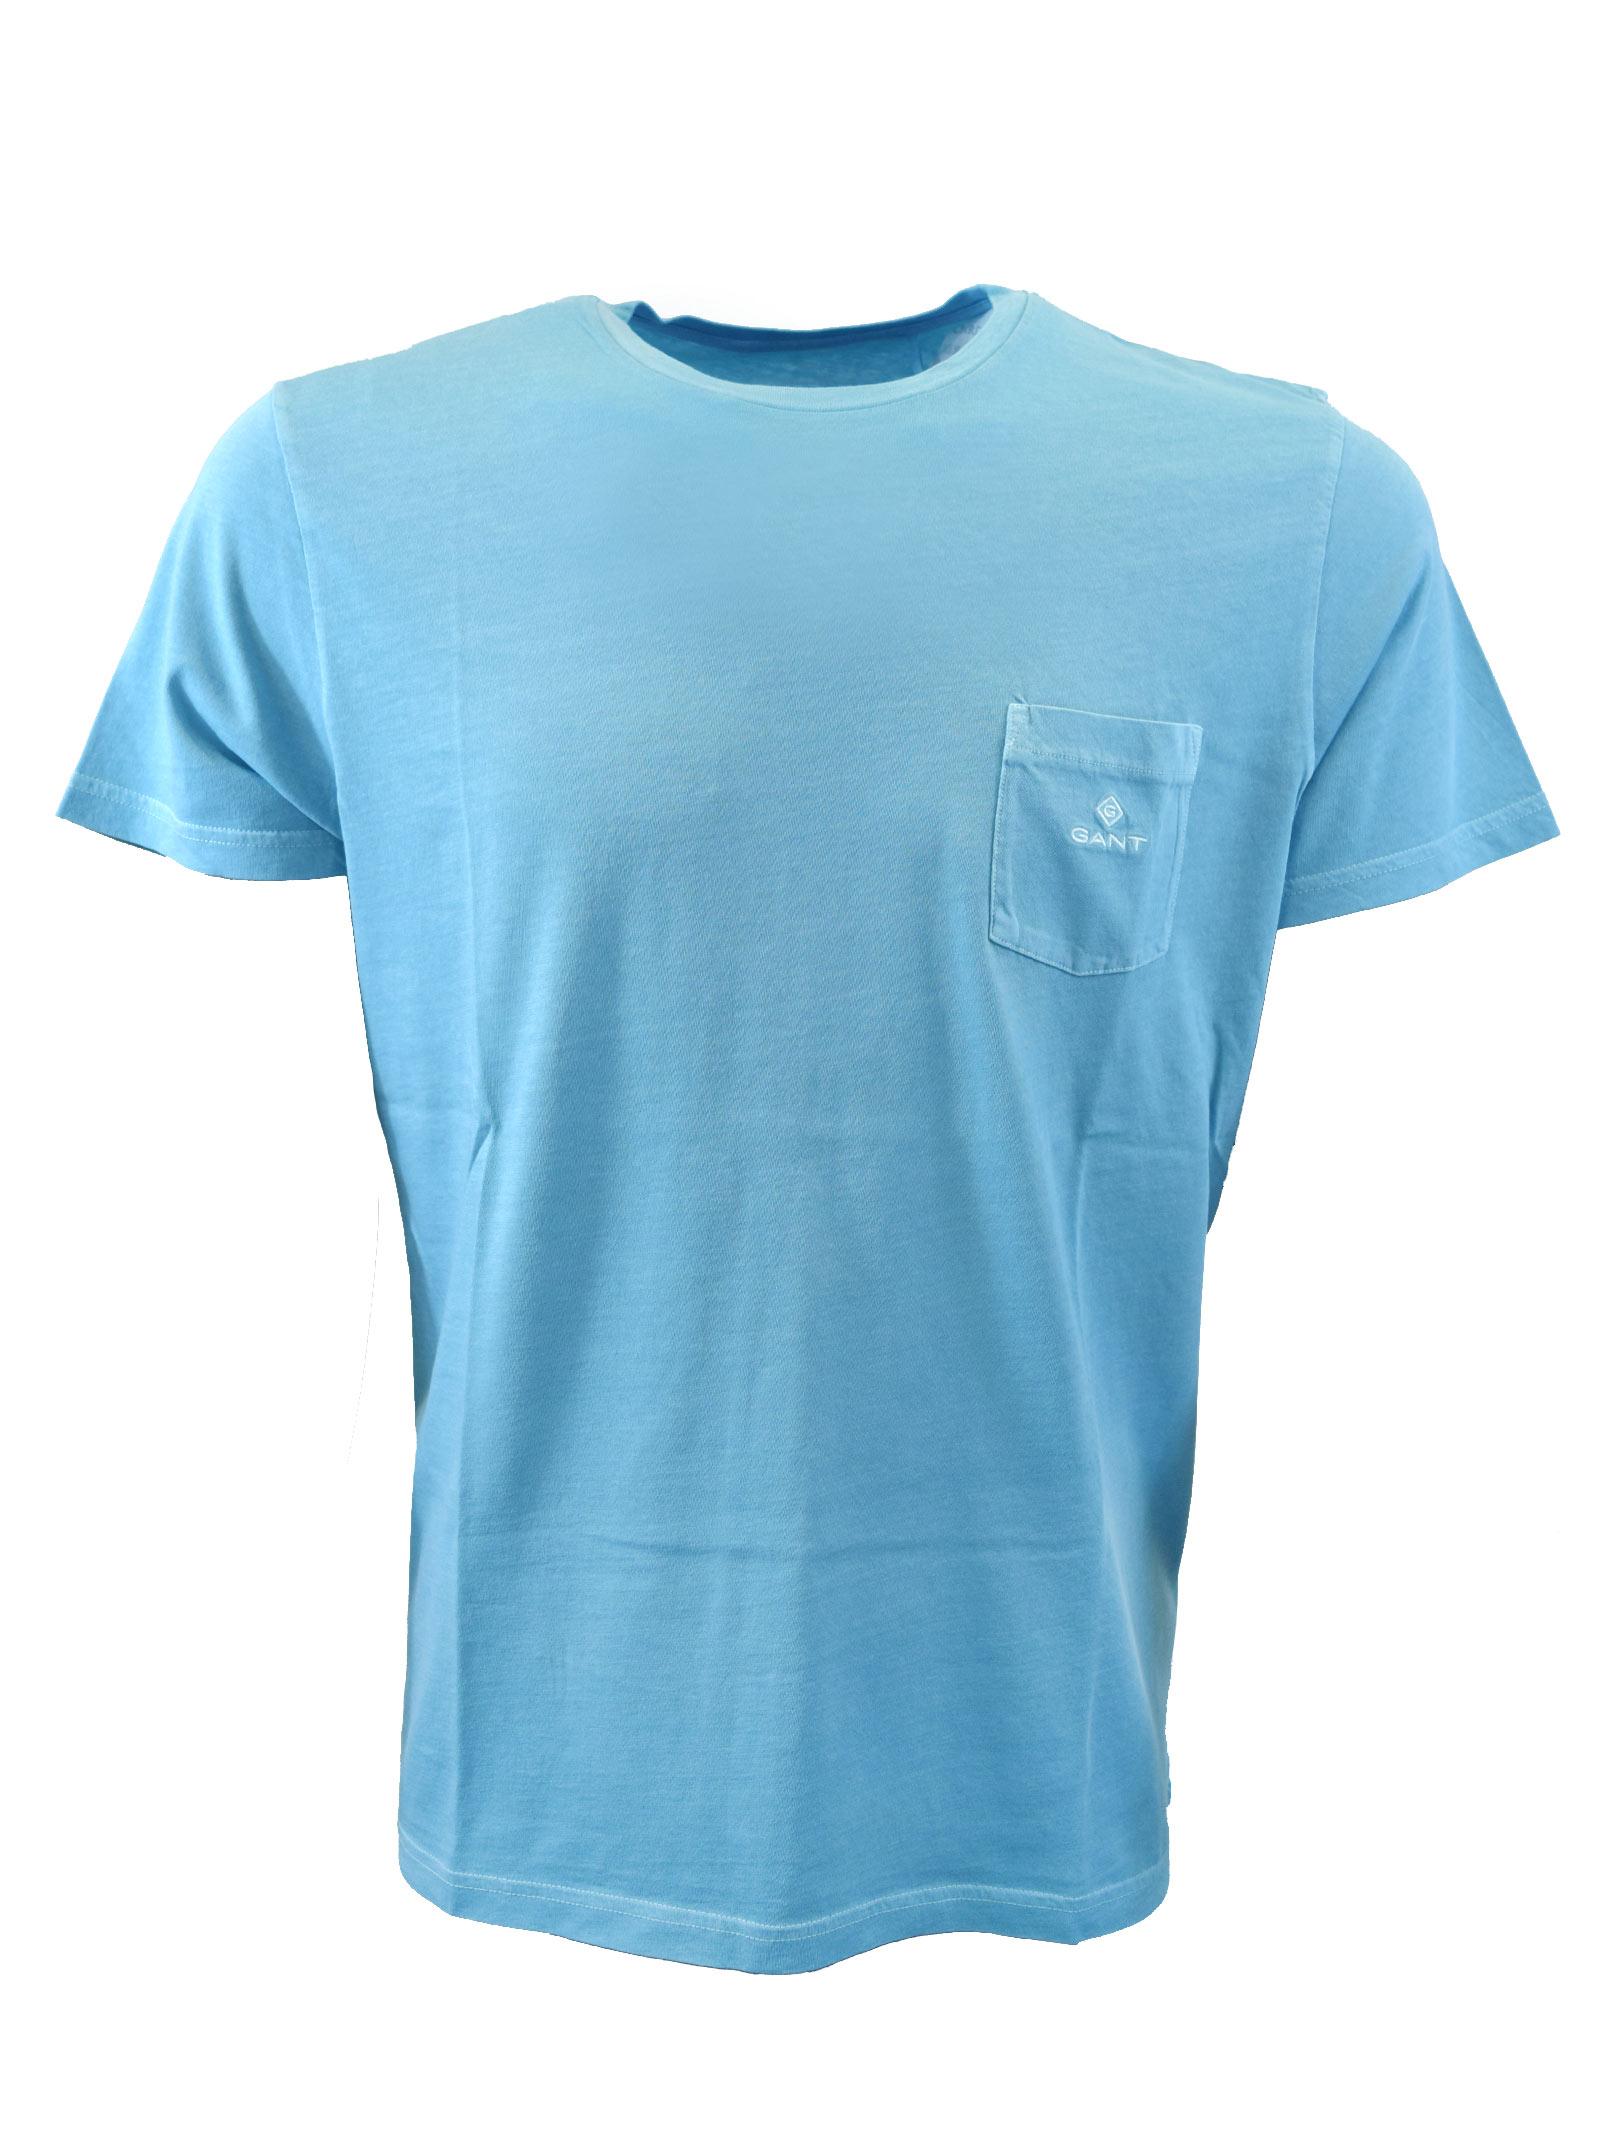 T-SHIRT GANT | T- shirt | 2053006450